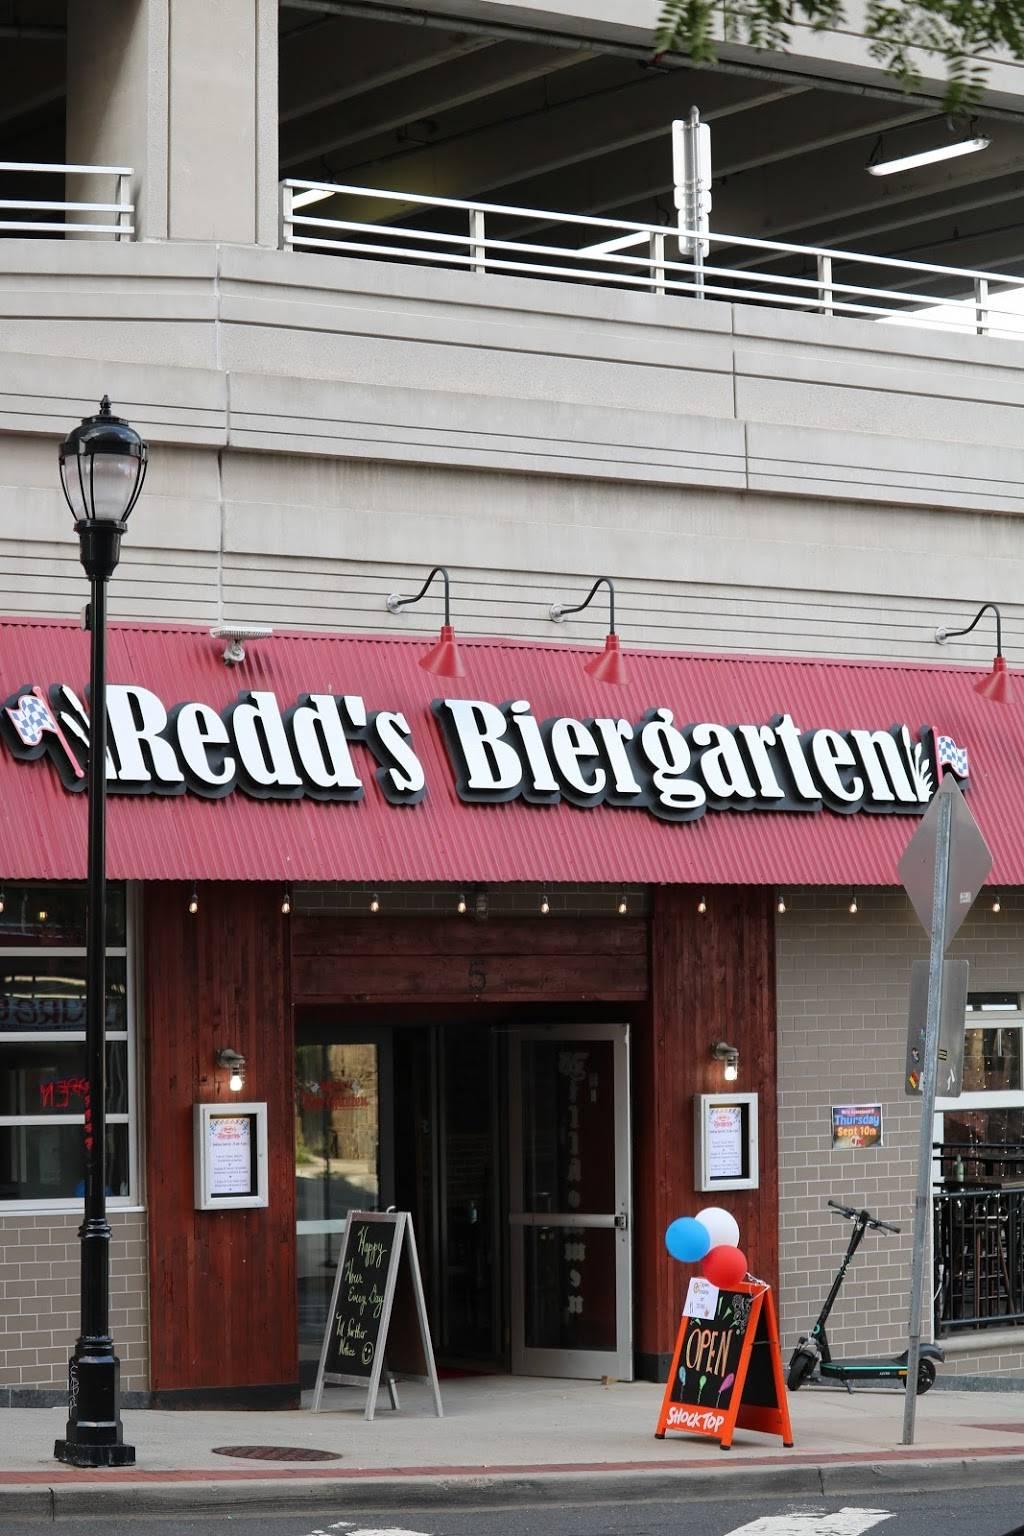 Redds Biergarten   restaurant   5 Easton Ave, New Brunswick, NJ 08901, USA   7322466800 OR +1 732-246-6800